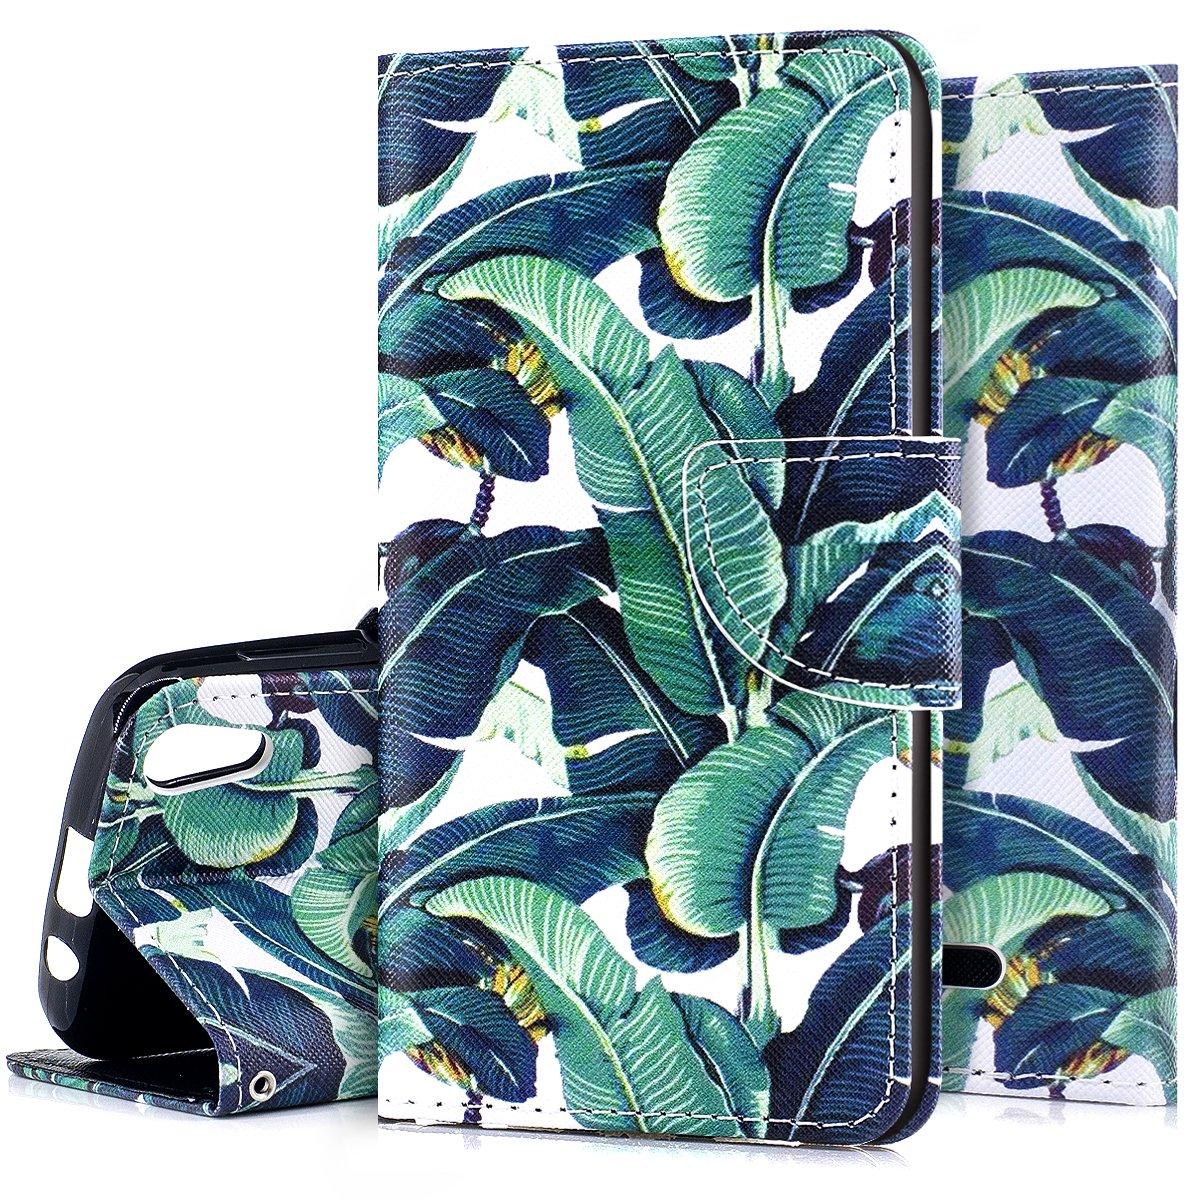 Ukayfe Custodia Wiko Lenny 4 Flip Cover PU Leather Luxury Puro Colore Custodia Pittura Colorata Design Bumper Slim Folio Protettivo Portafoglio Cover Compatibile con Wiko Lenny 4-Fiore Nero